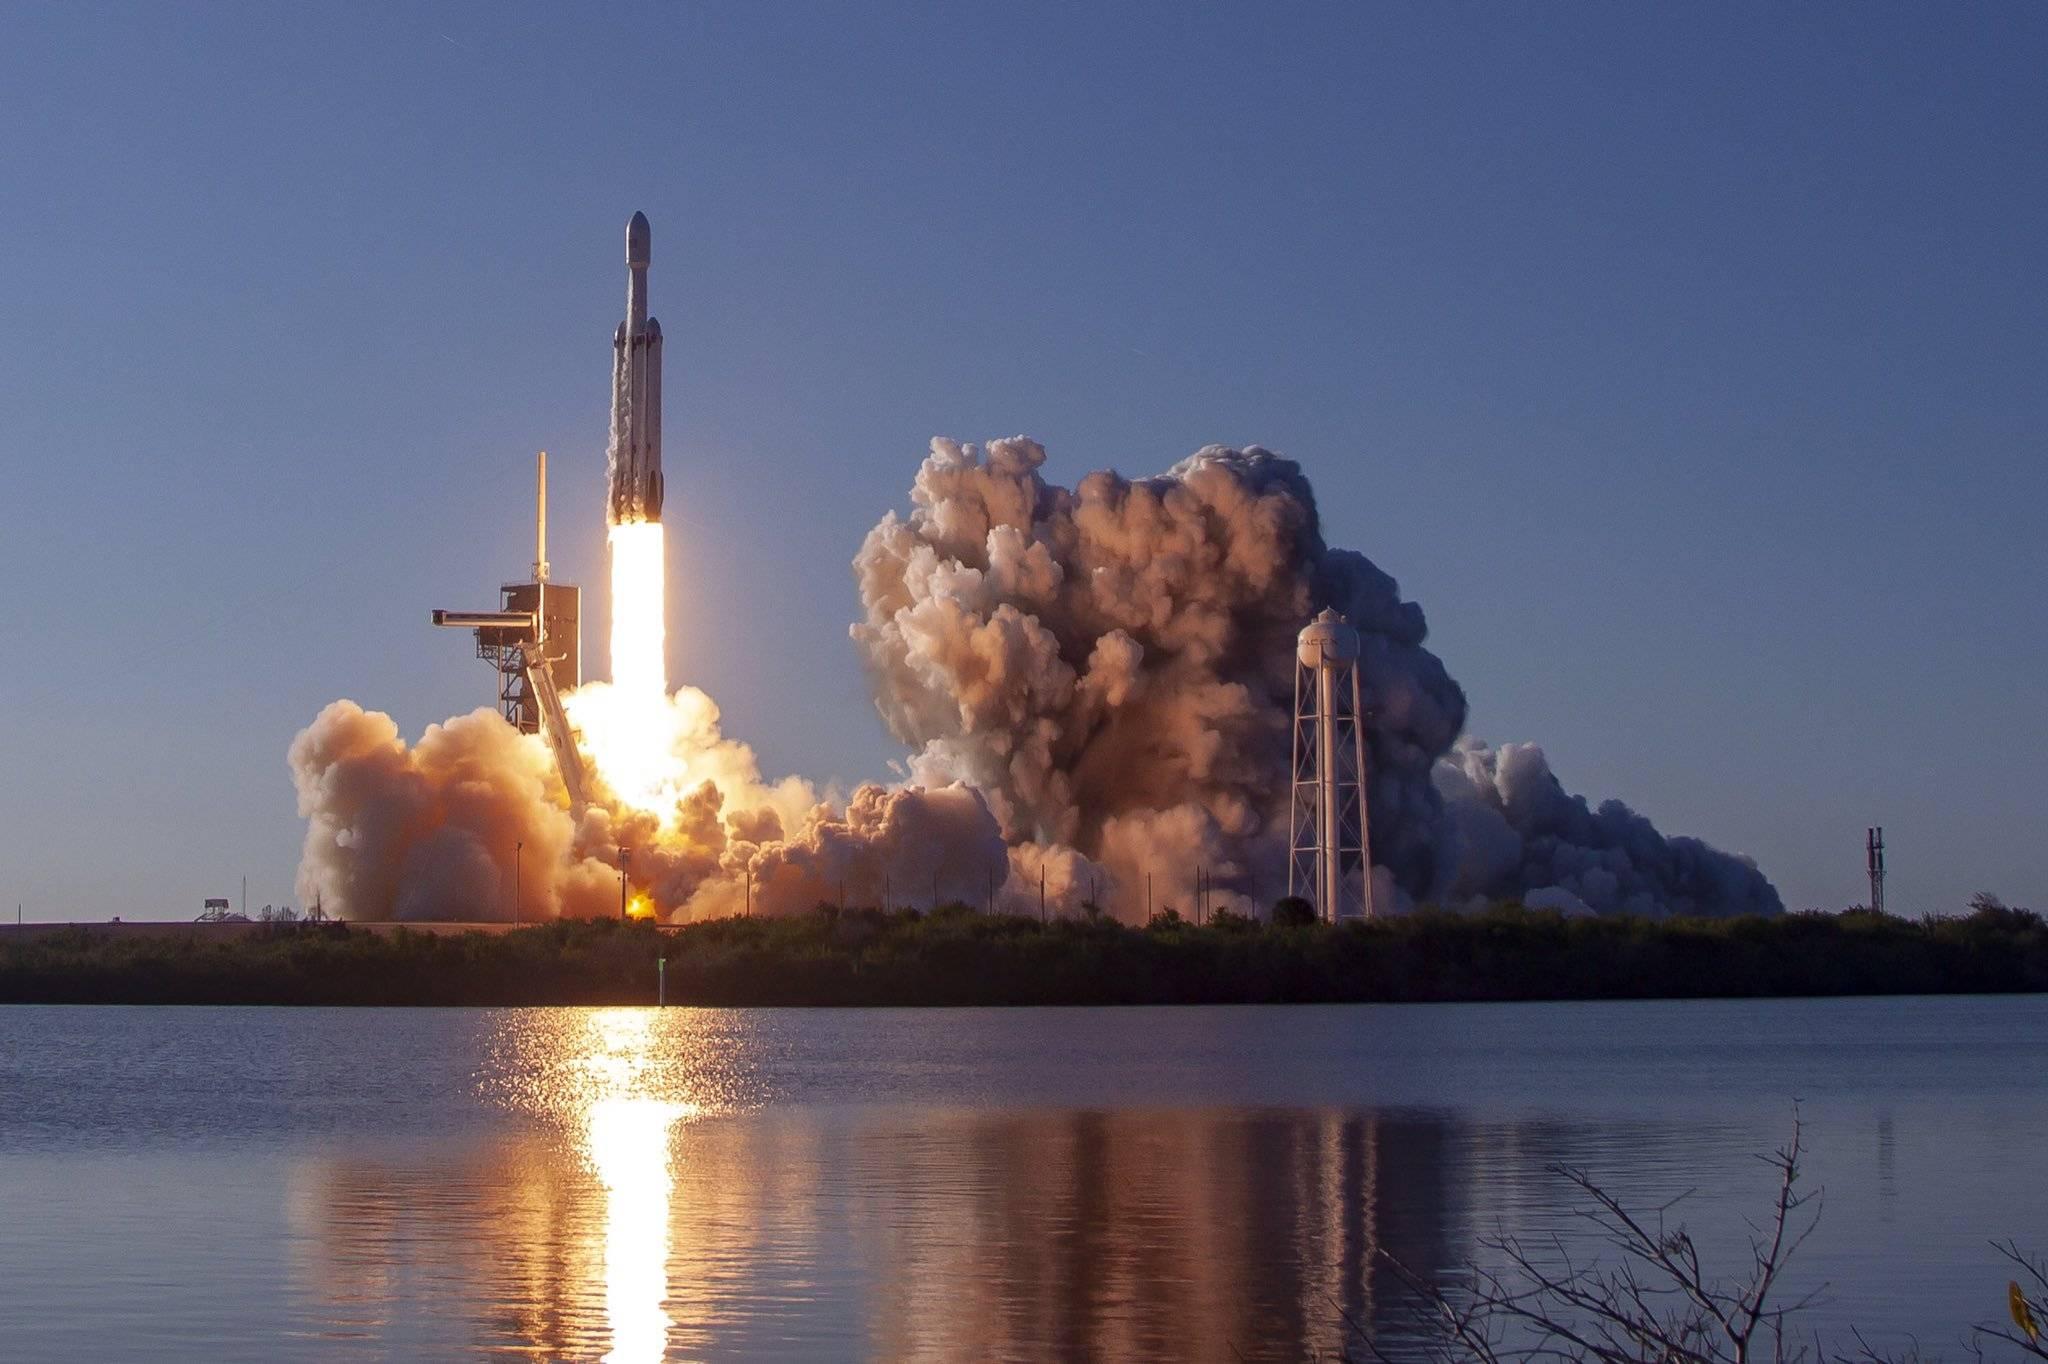 SpaceX провела первый коммерческий запуск Falcon Heavy и посадила разгонную ступень и оба ускорителя